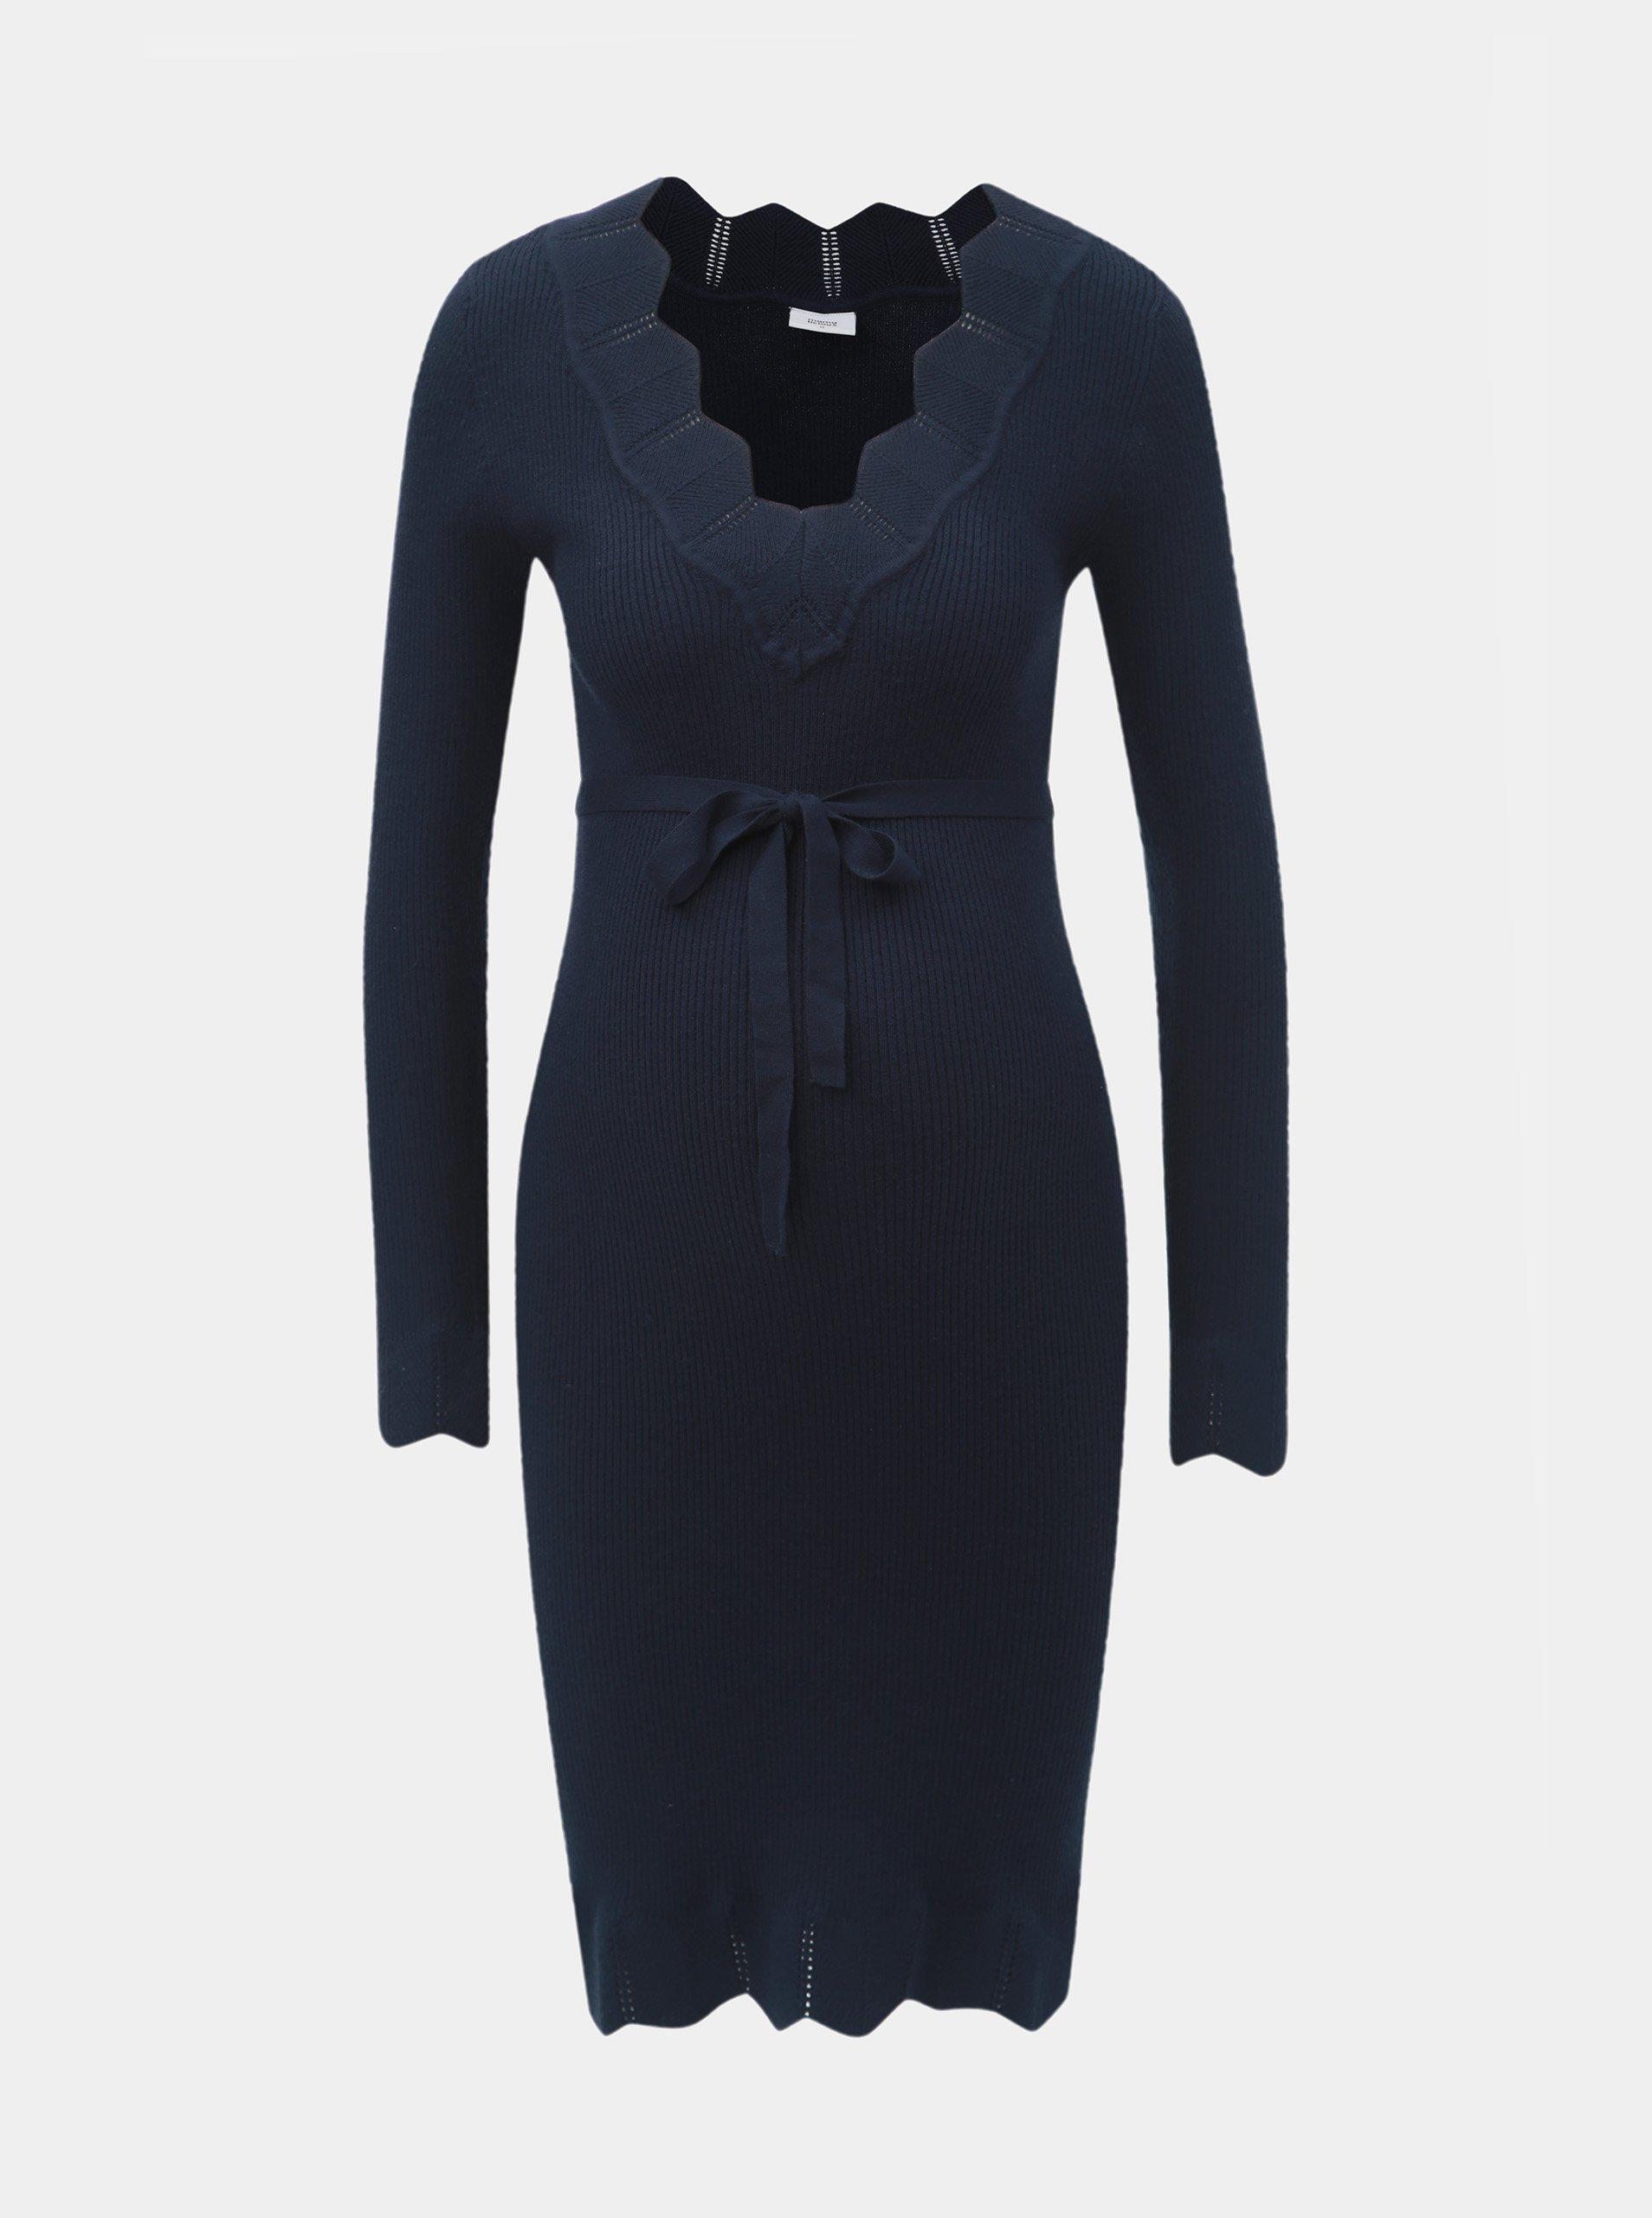 83a236a69337 Tmavě modré těhotenské svetrové šaty Mama.licious Eva